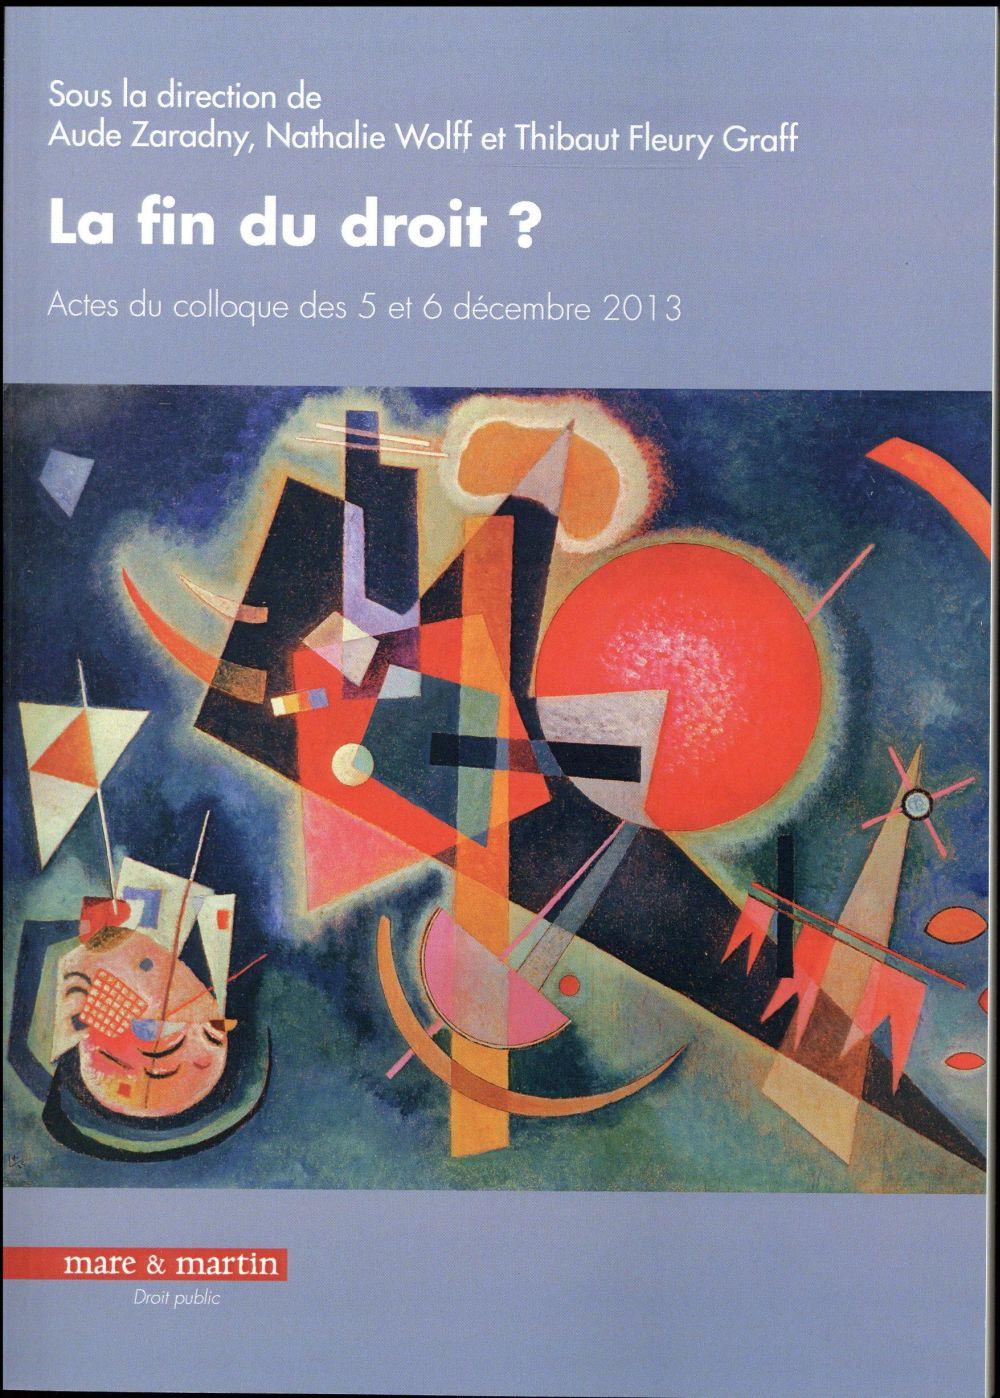 LA FIN DU DROIT  ACTES DU COLLOQUE DES 5 ET 6 DECEMBRE 2013